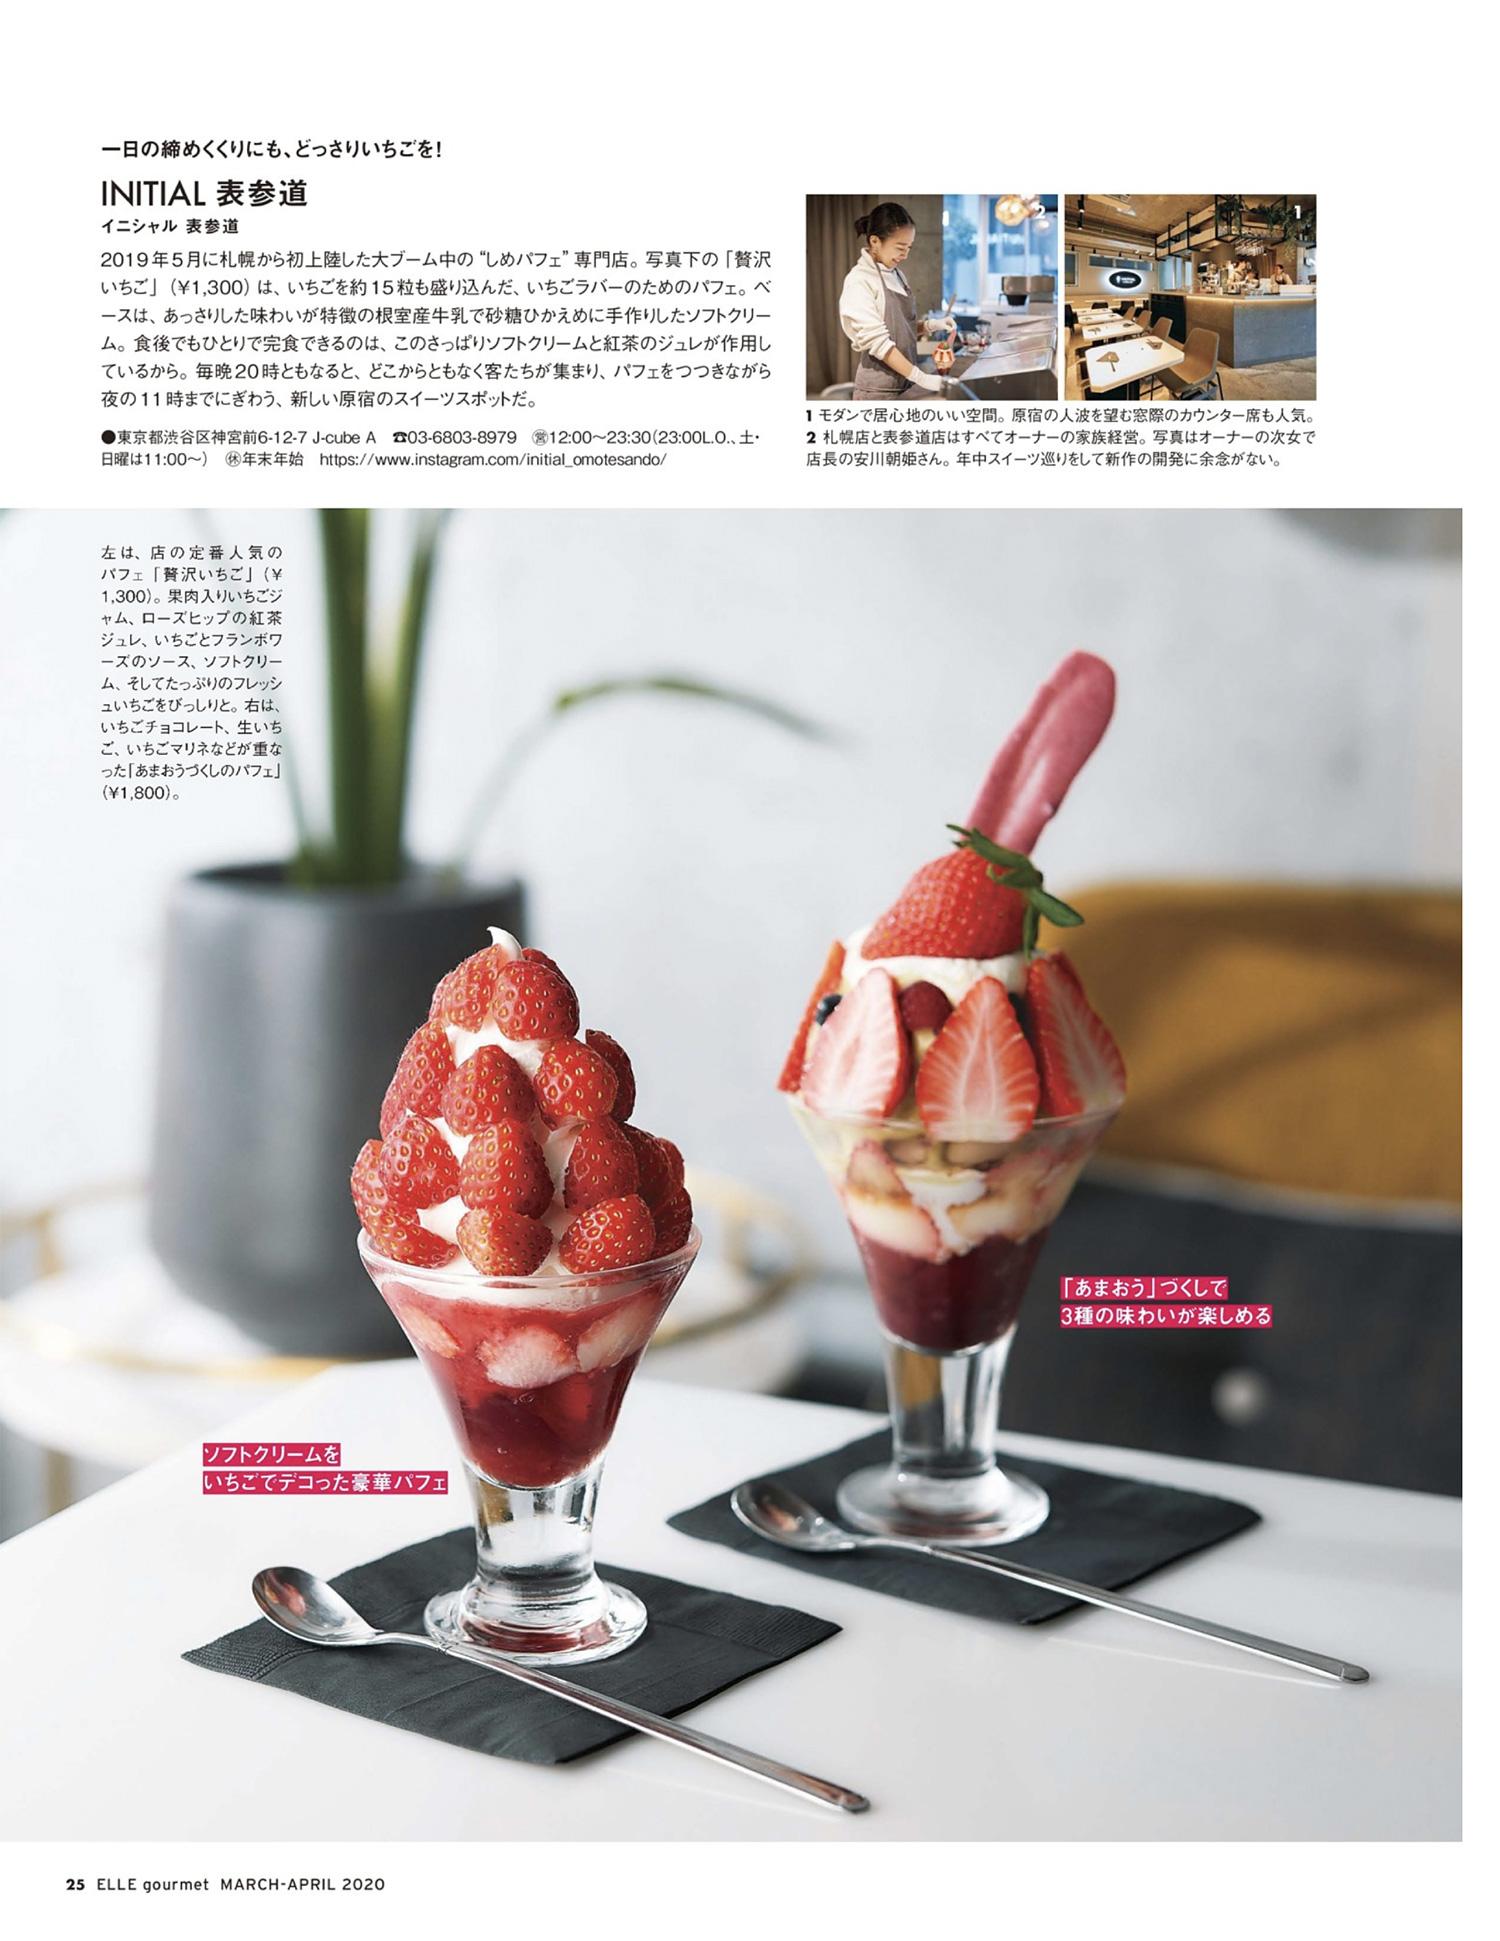 福田諭がELLE gourmet 5月号の中ページを撮り下ろしました